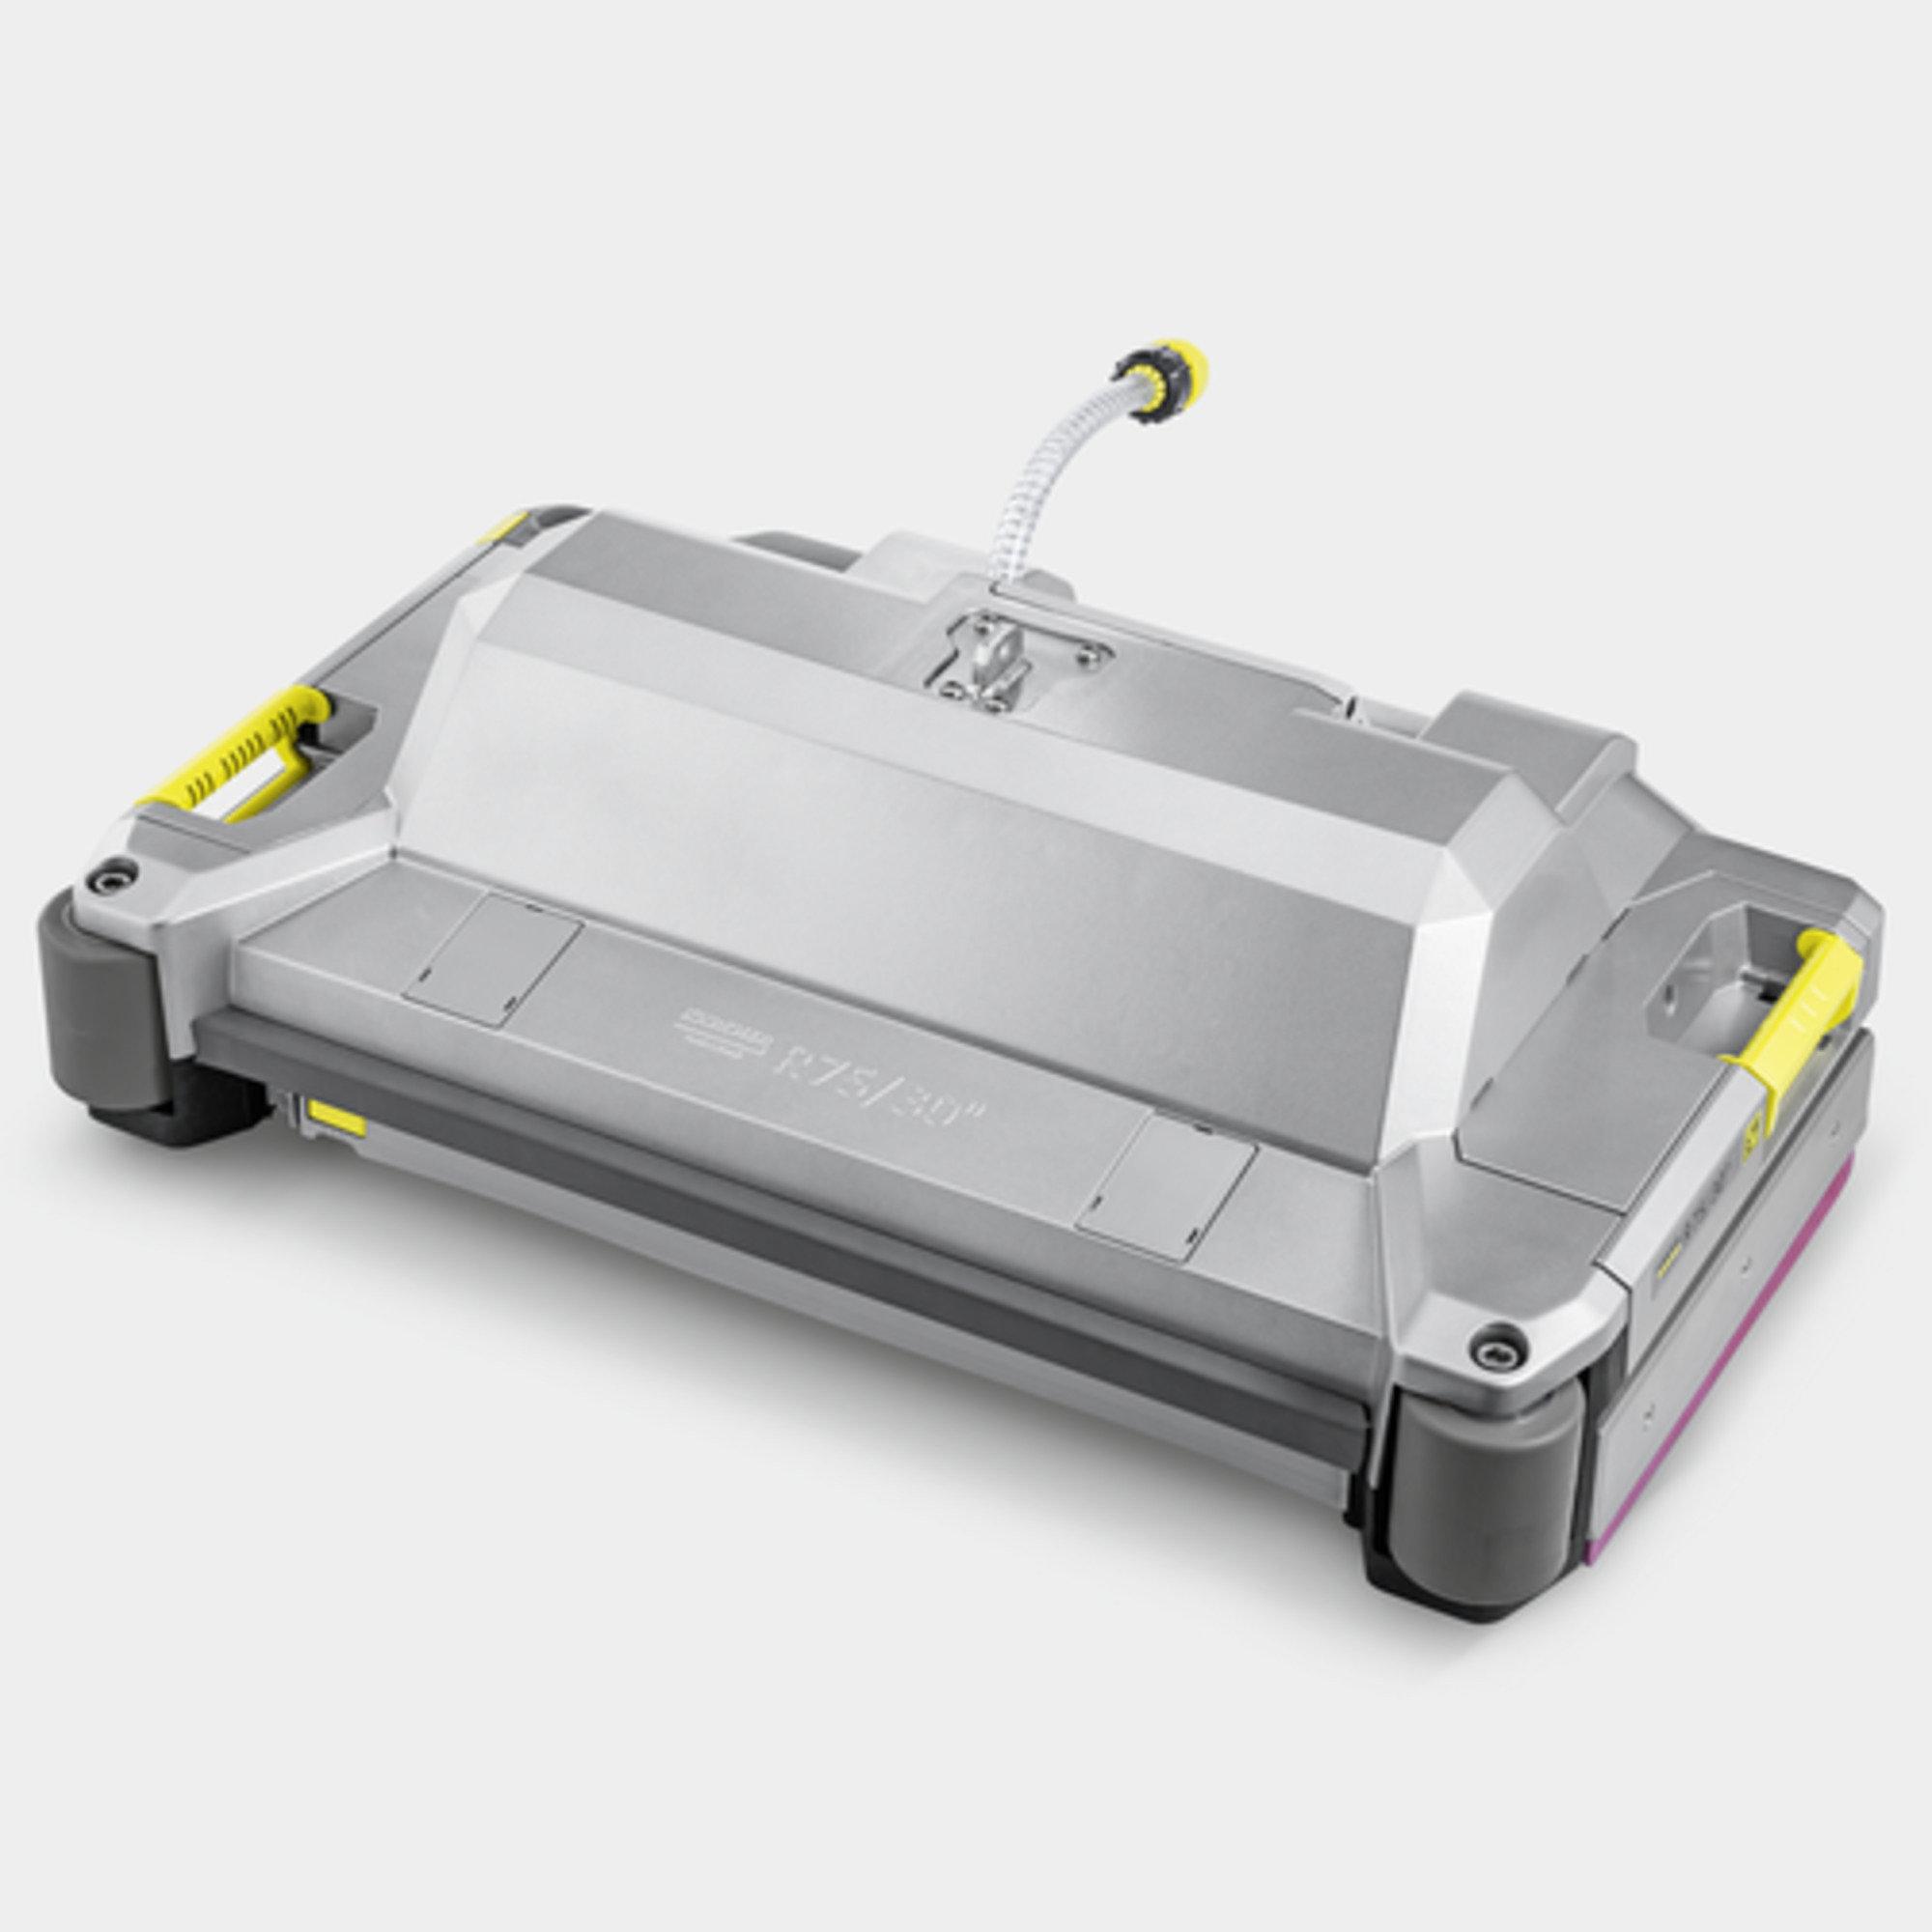 B 110 R Bp Pack 170Ah+Dose+SSD+R75: Rollerbørsteholder med integrert feieenhet